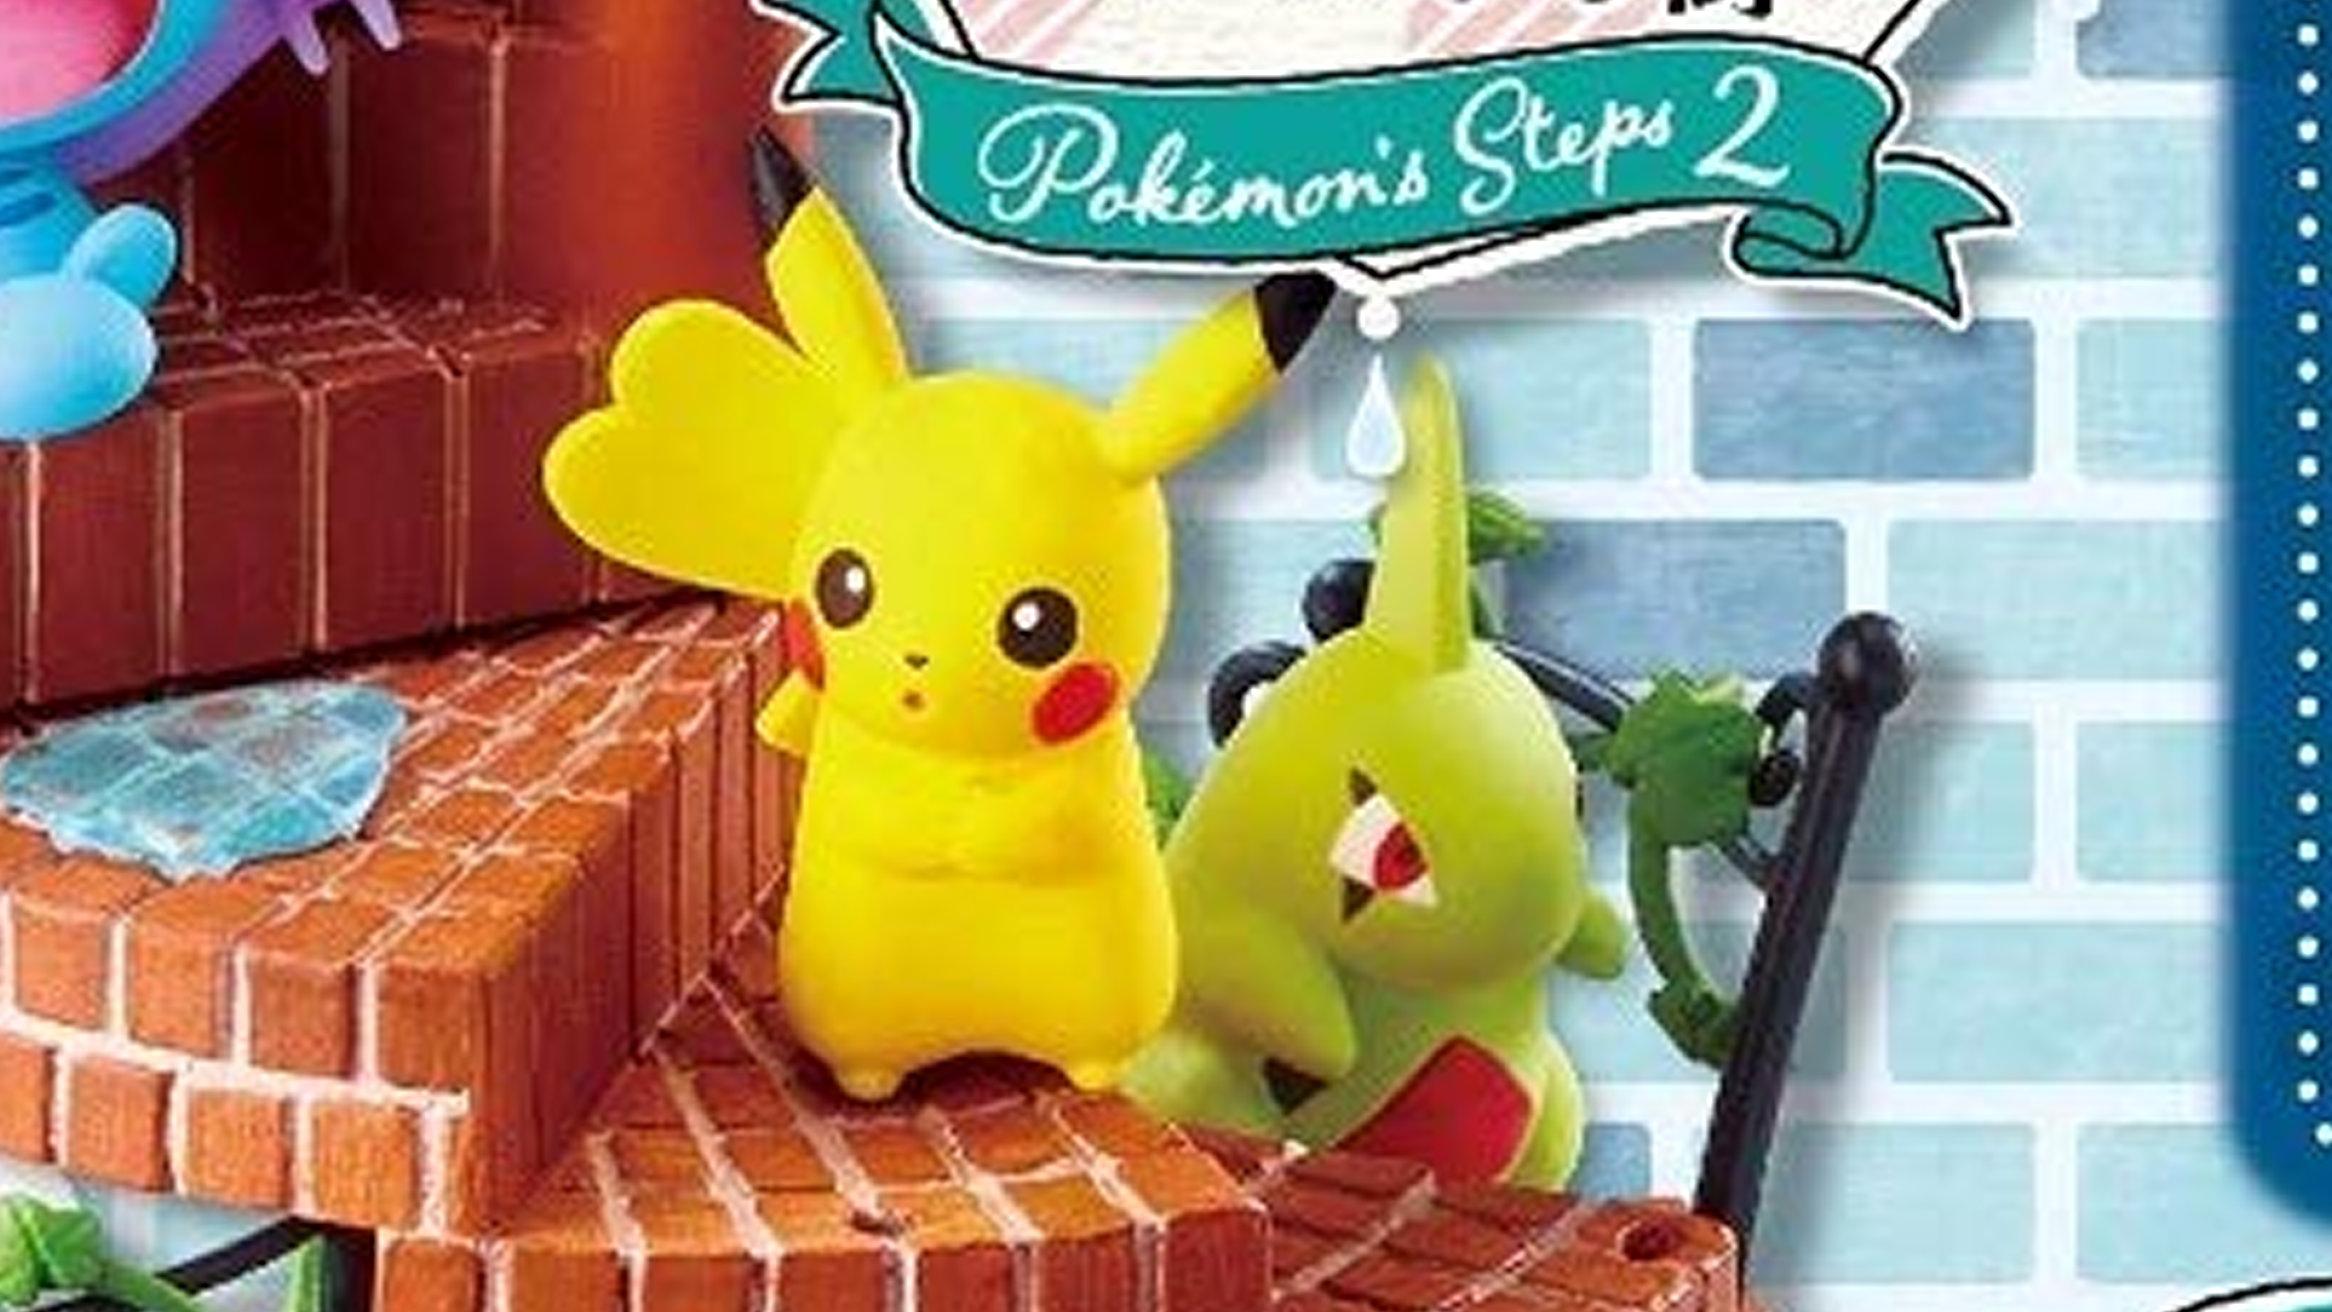 ポケモンの階段、第2弾にウパー&メタモン、イワンコ